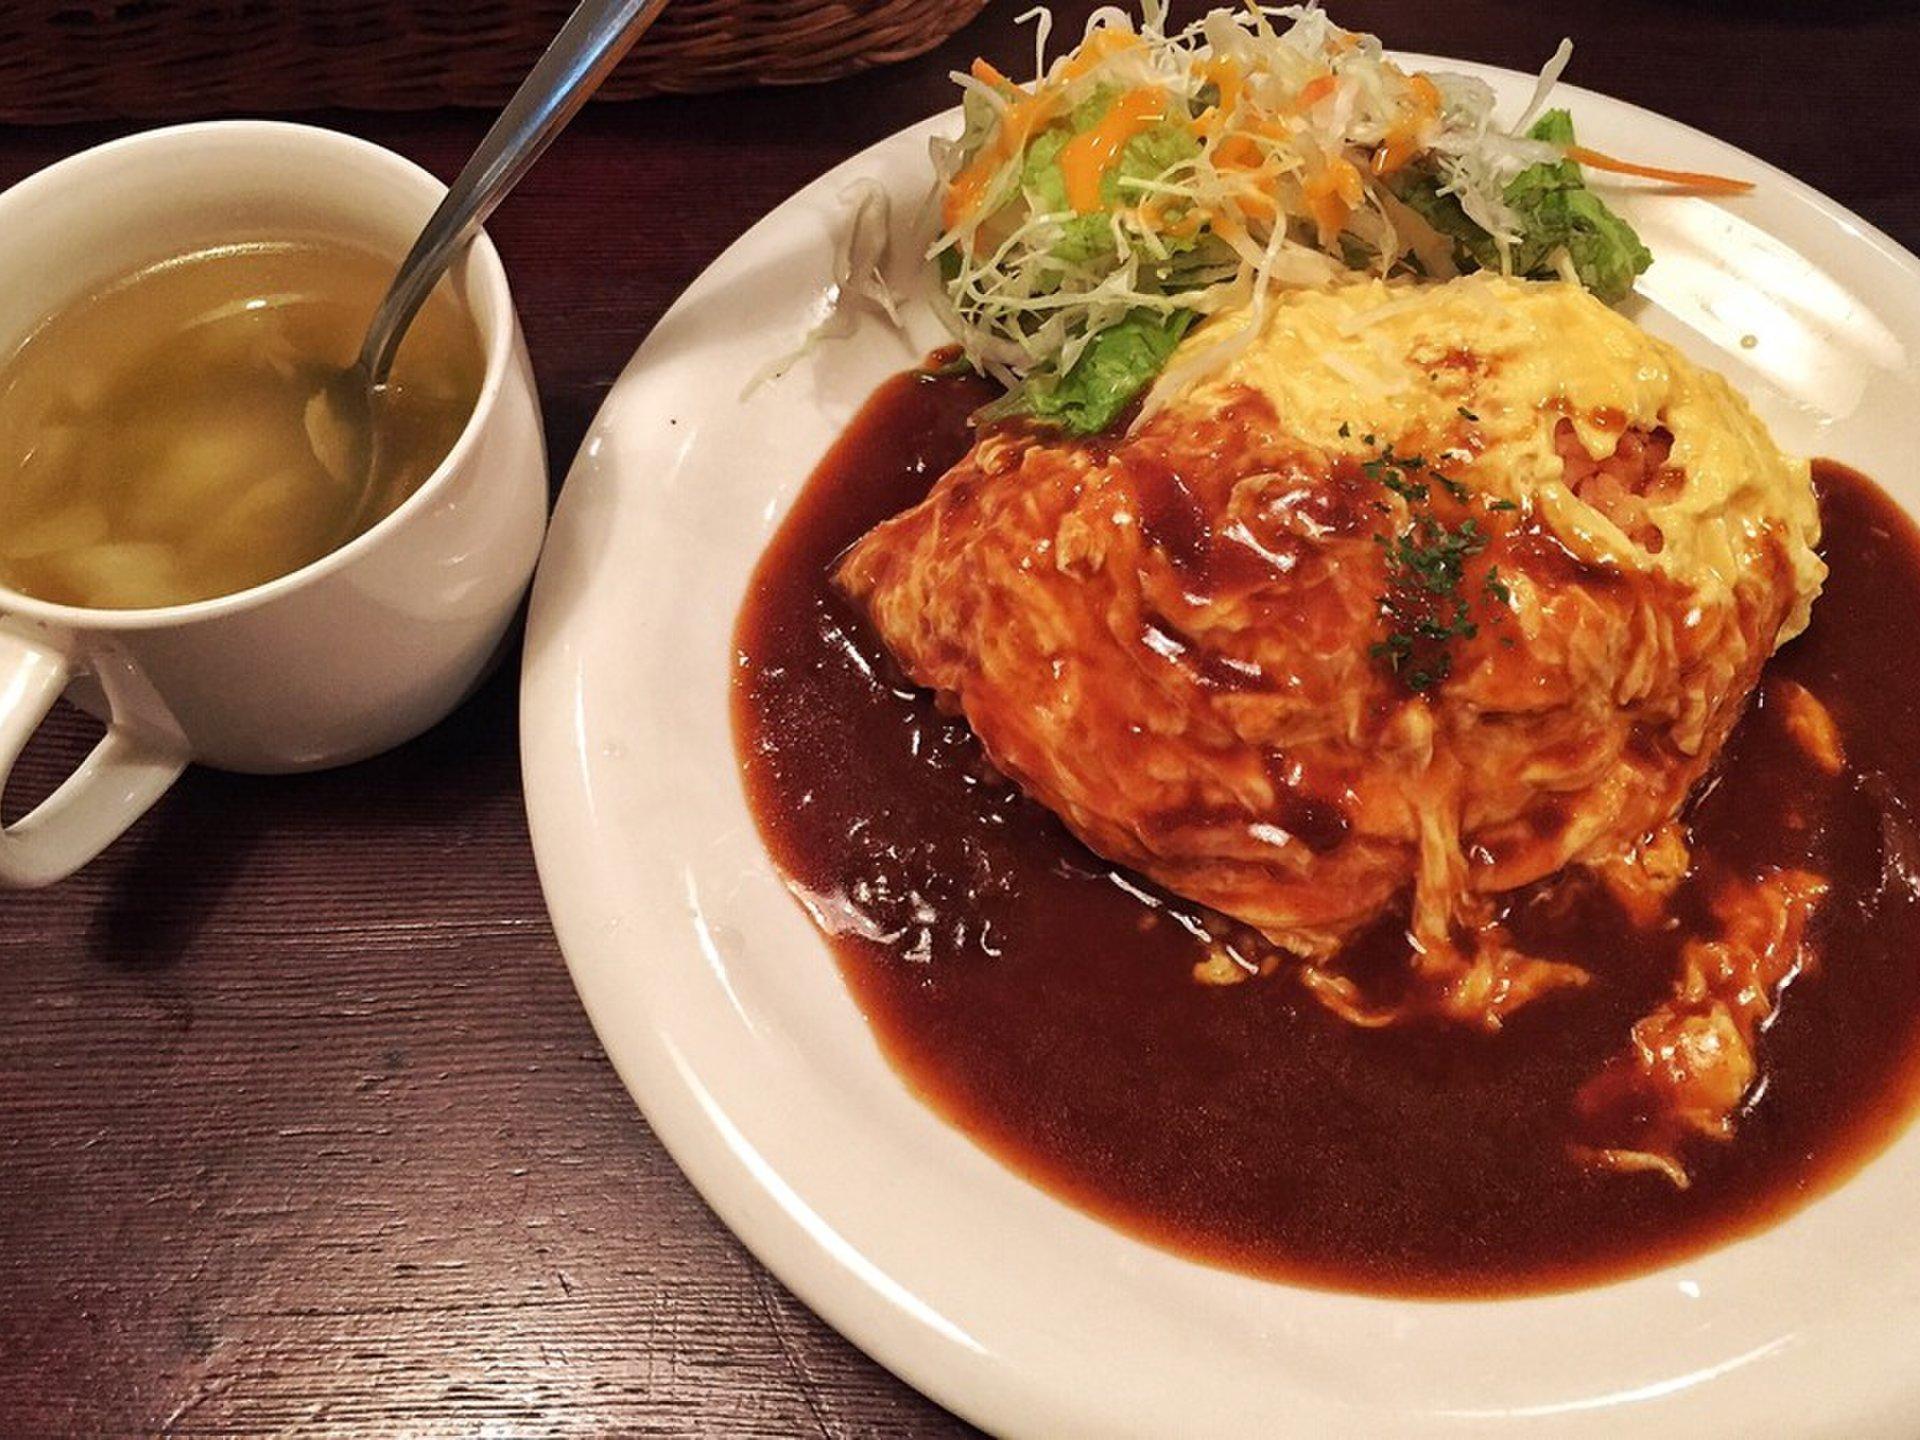 【渋谷・恵比寿×おしゃれ×ランチ】ランチに悩んだらここへいけ!美味しいランチ3選!